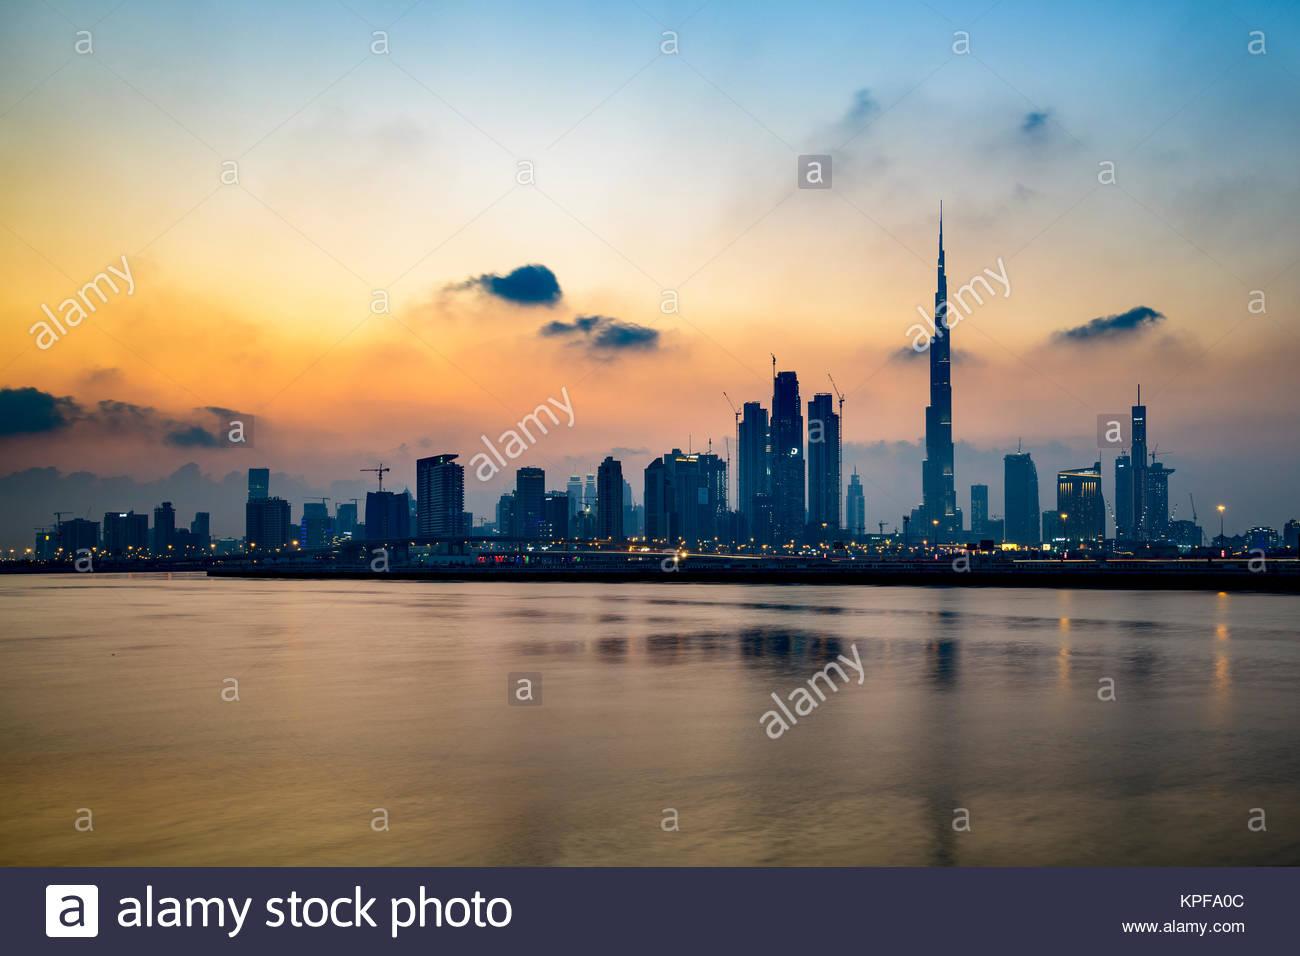 Silhouette de Dubaï pendant un coucher de soleil sur la ville, vue depuis le canal de l'eau, Ras Al Khor. Photo Stock